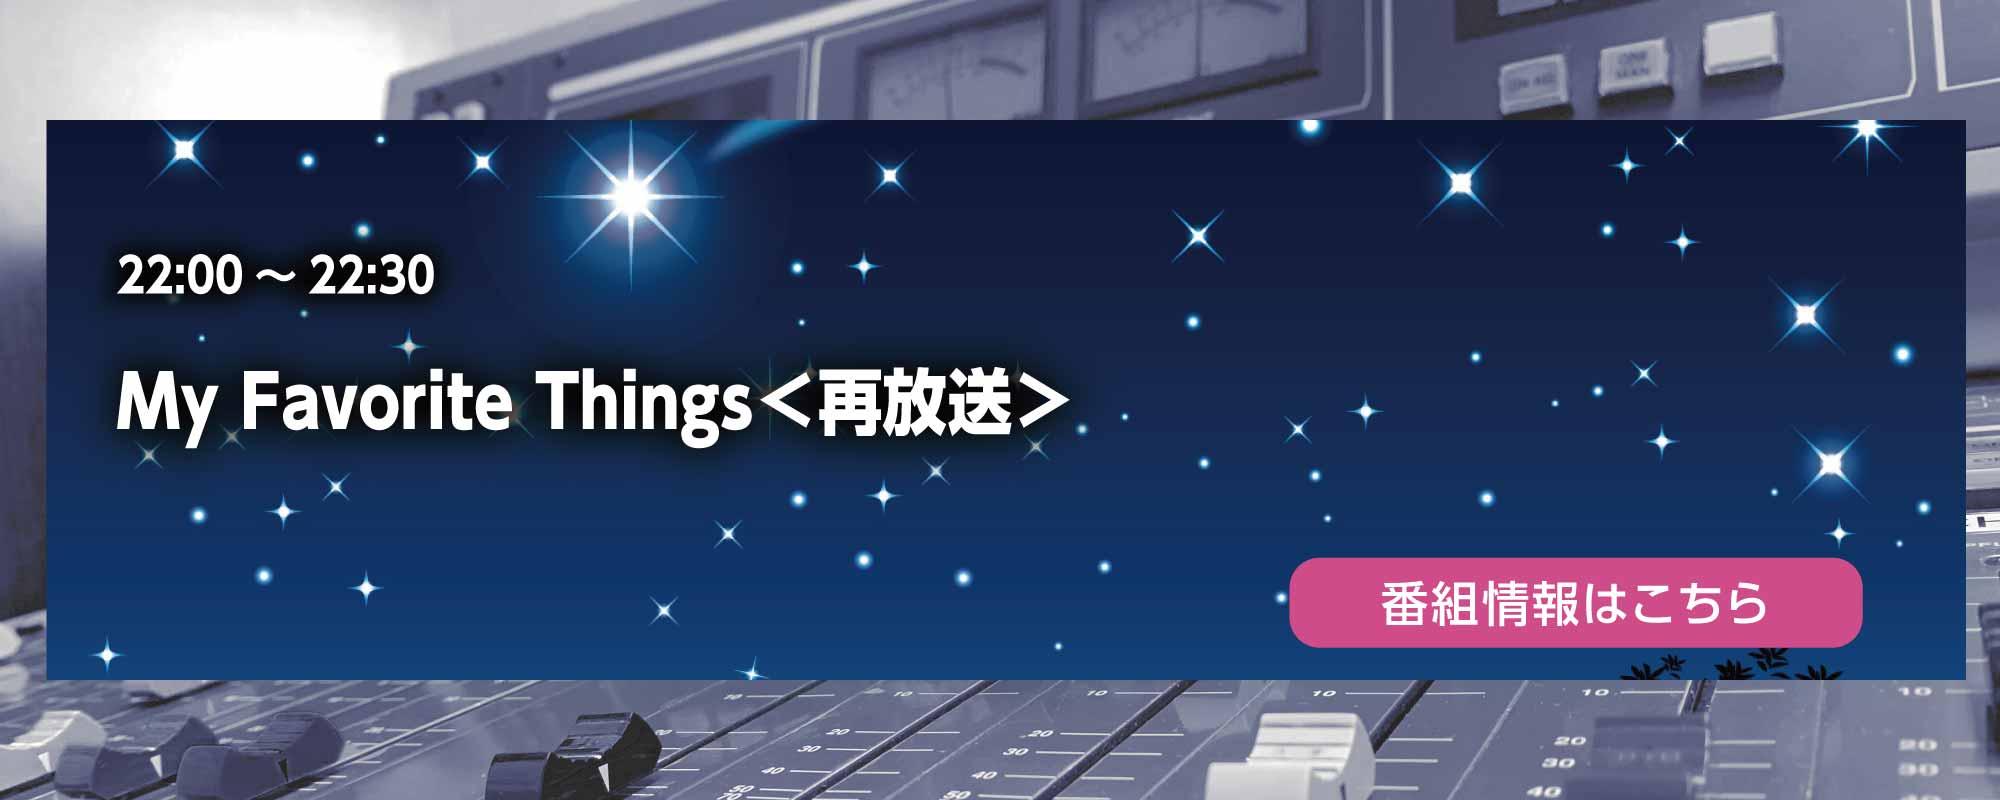 My Favorite Things<再放送>